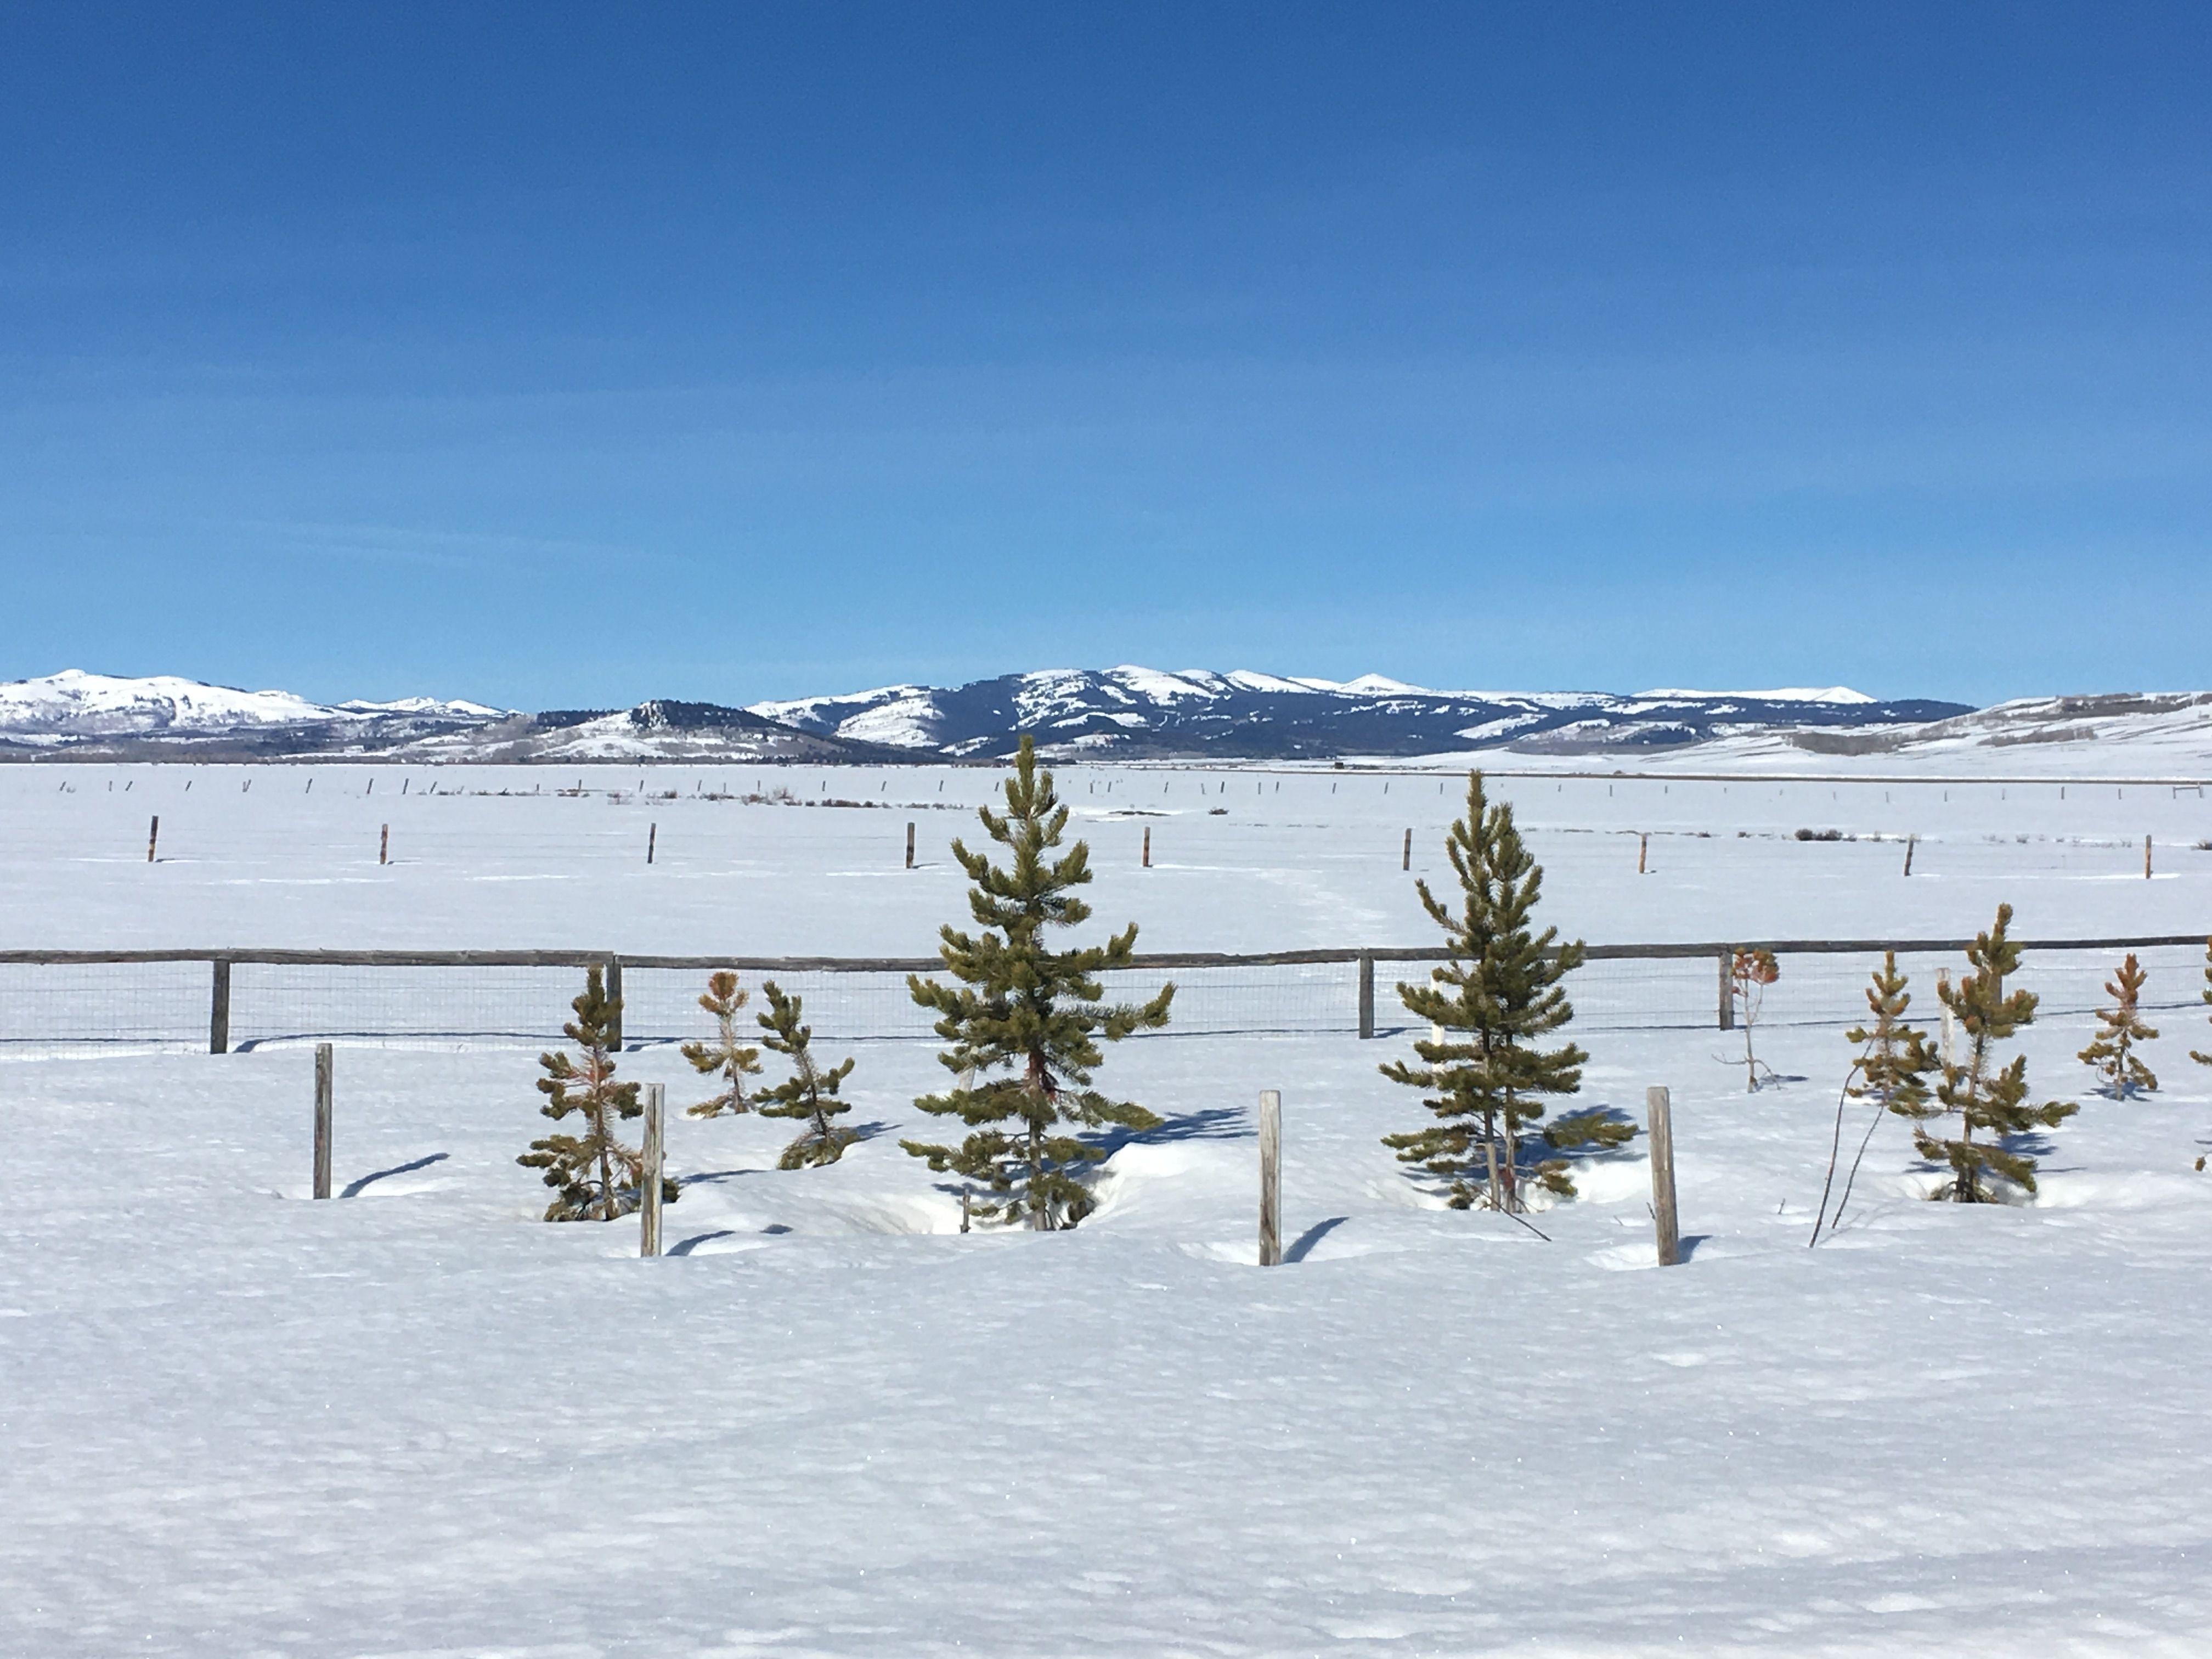 April in Wyoming!